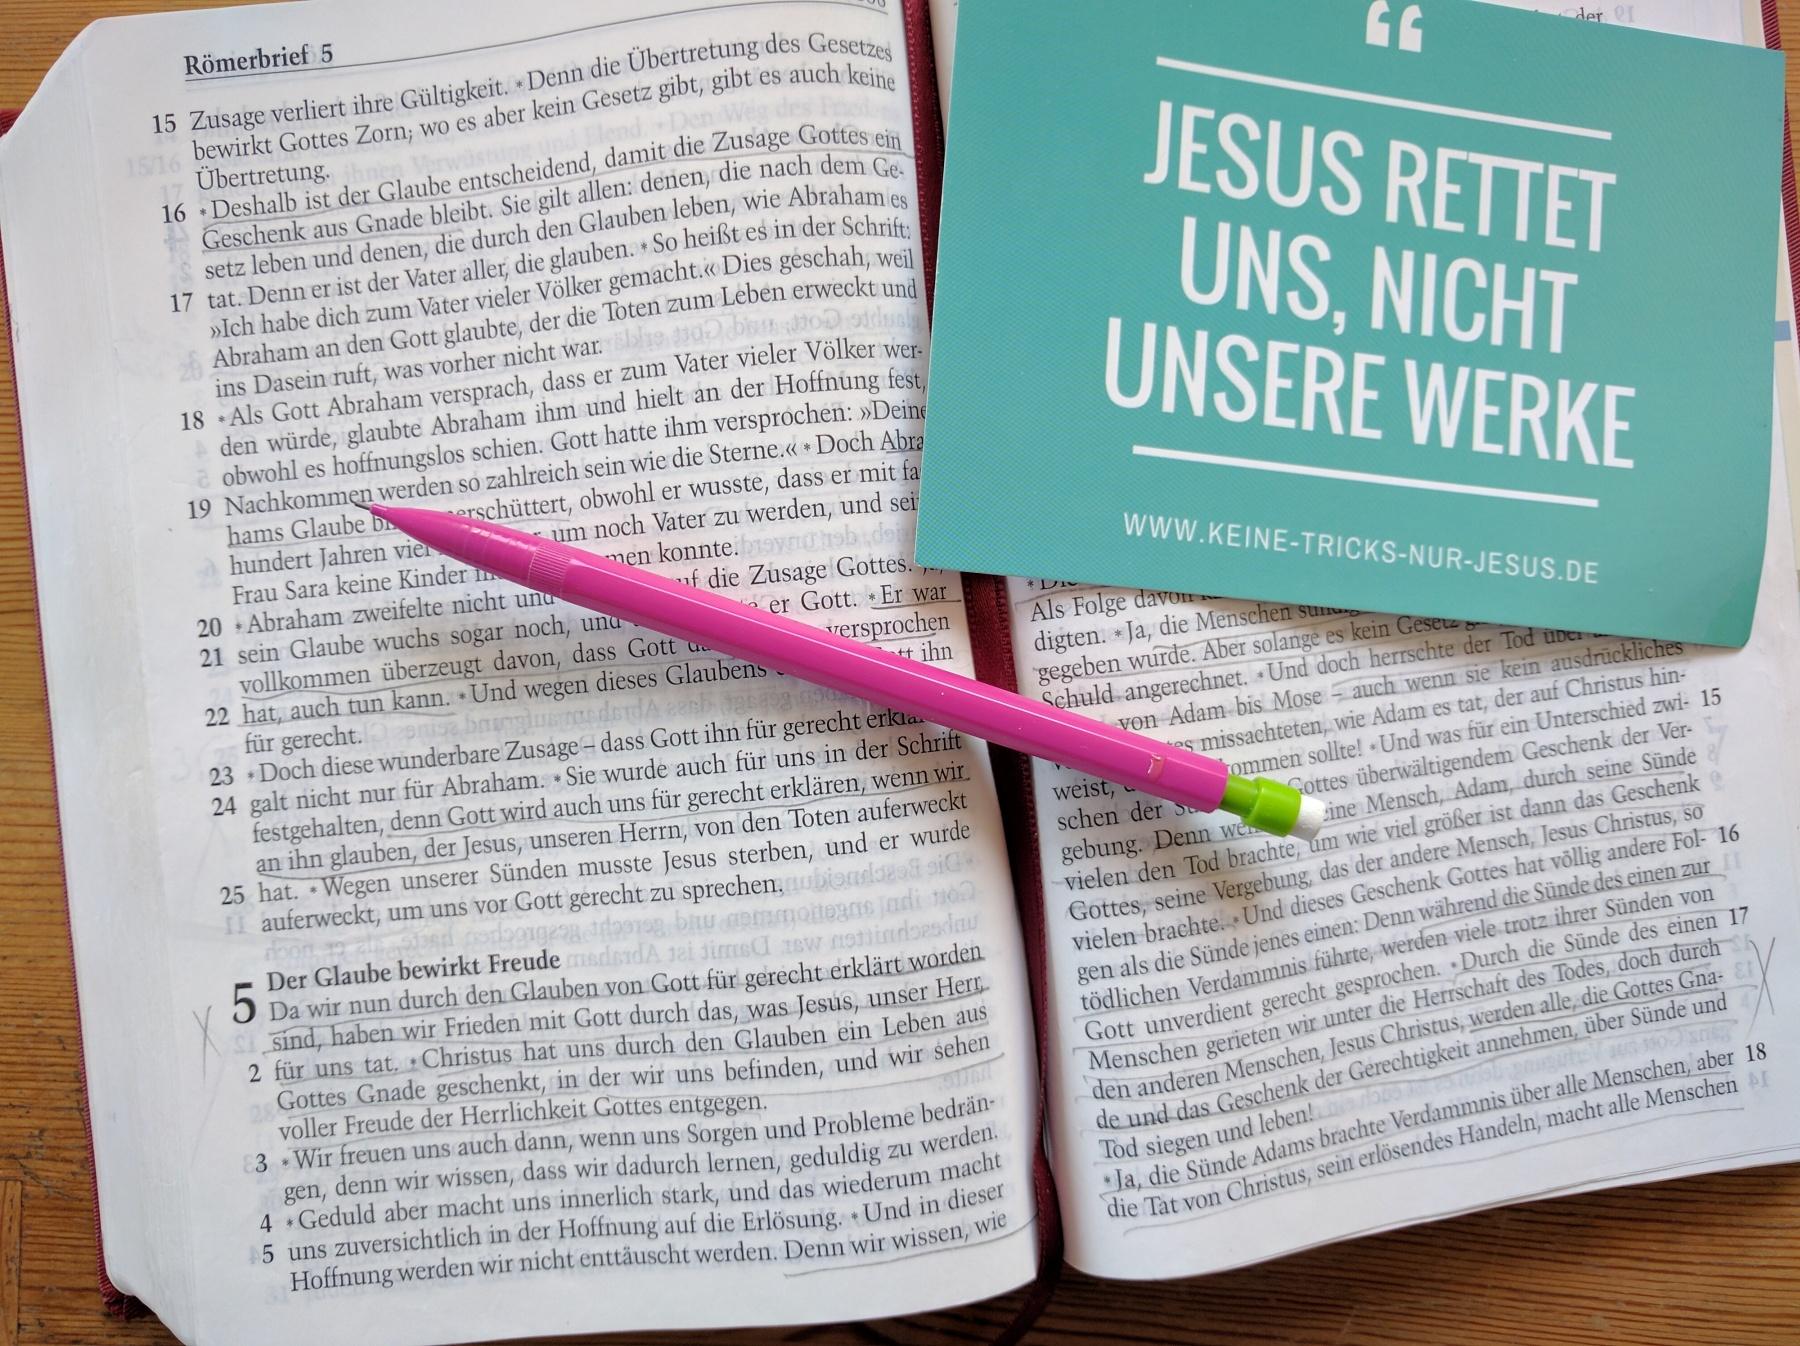 Durch unseren Glauben an Jesus als unseren Retter sind wir für immer mit Gott versöhnt. Jesus hat die Strafe, die wir für unsere Sünden verdienen, alle auf sich genommen. Danke Jesus! Was für eine LIebe von dir für uns!